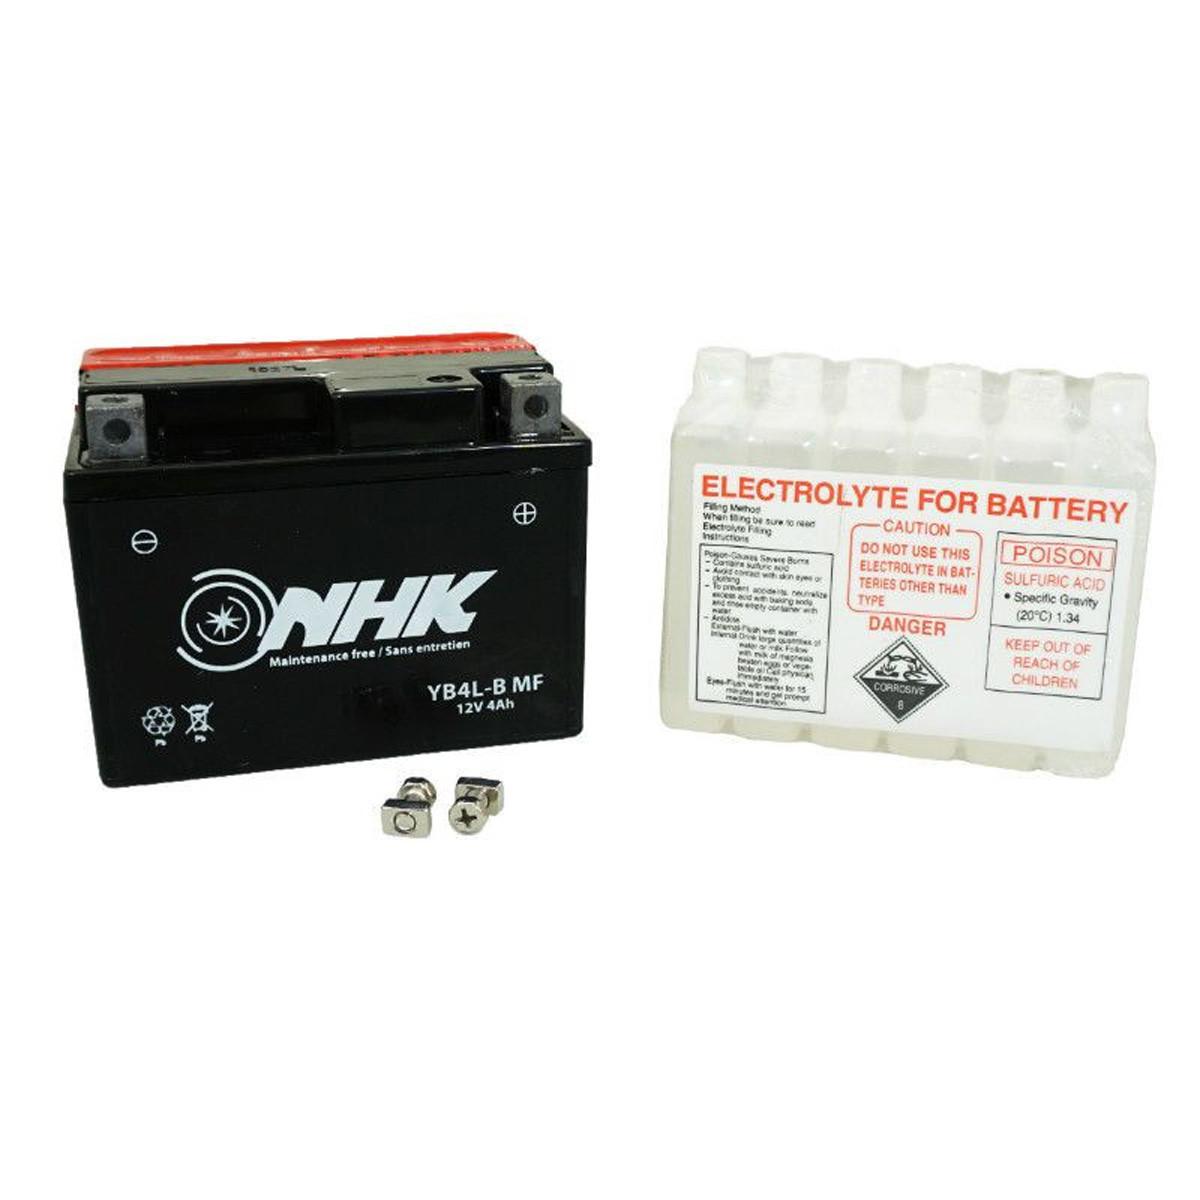 Batterie 12V 4Ah YB4-LB - NHK sans entretien